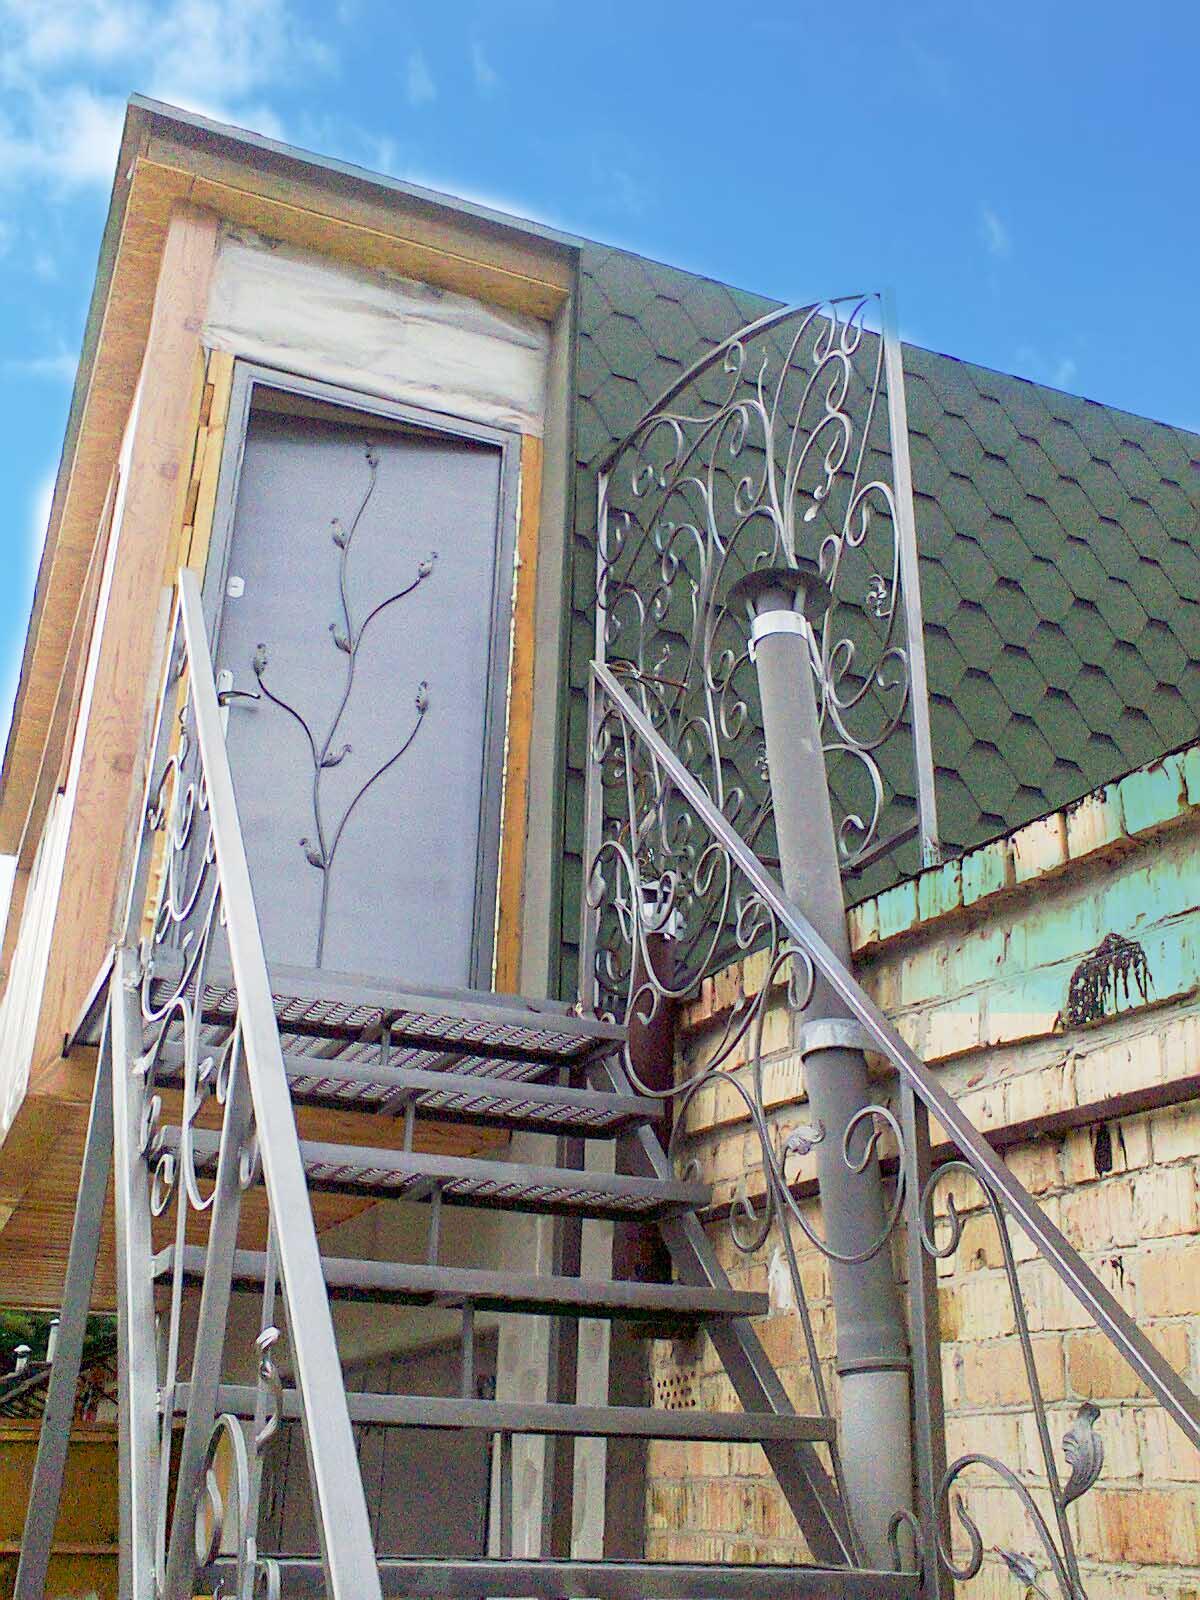 Металлическая лестница, перила и входная дверь с ковкой от 17.03.21 (артикул 170321)